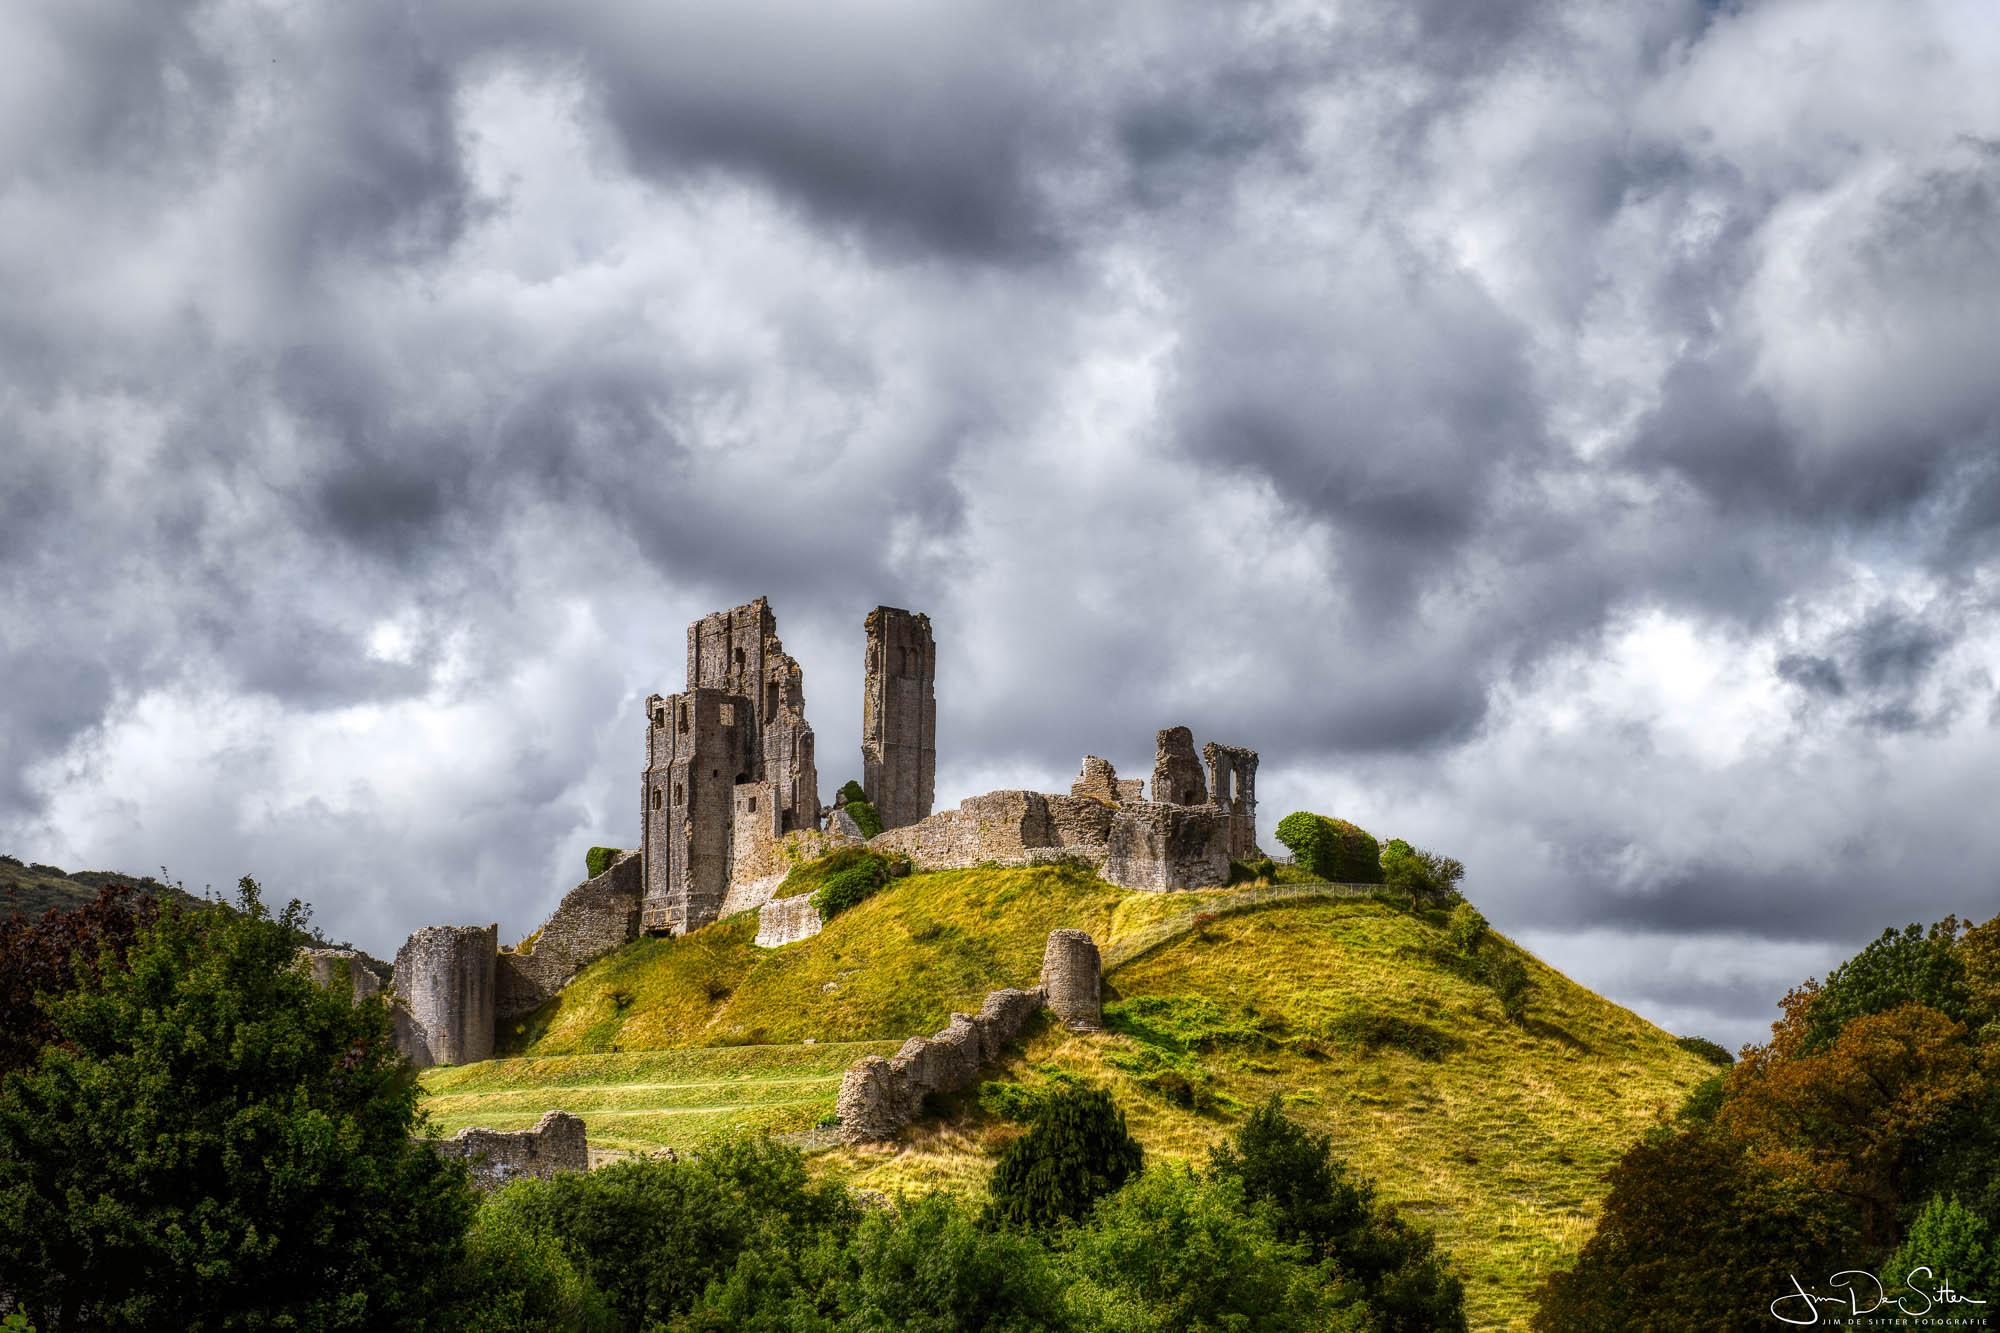 Landschapsfoto : Een dramatische foto  van een kasteel in de UK